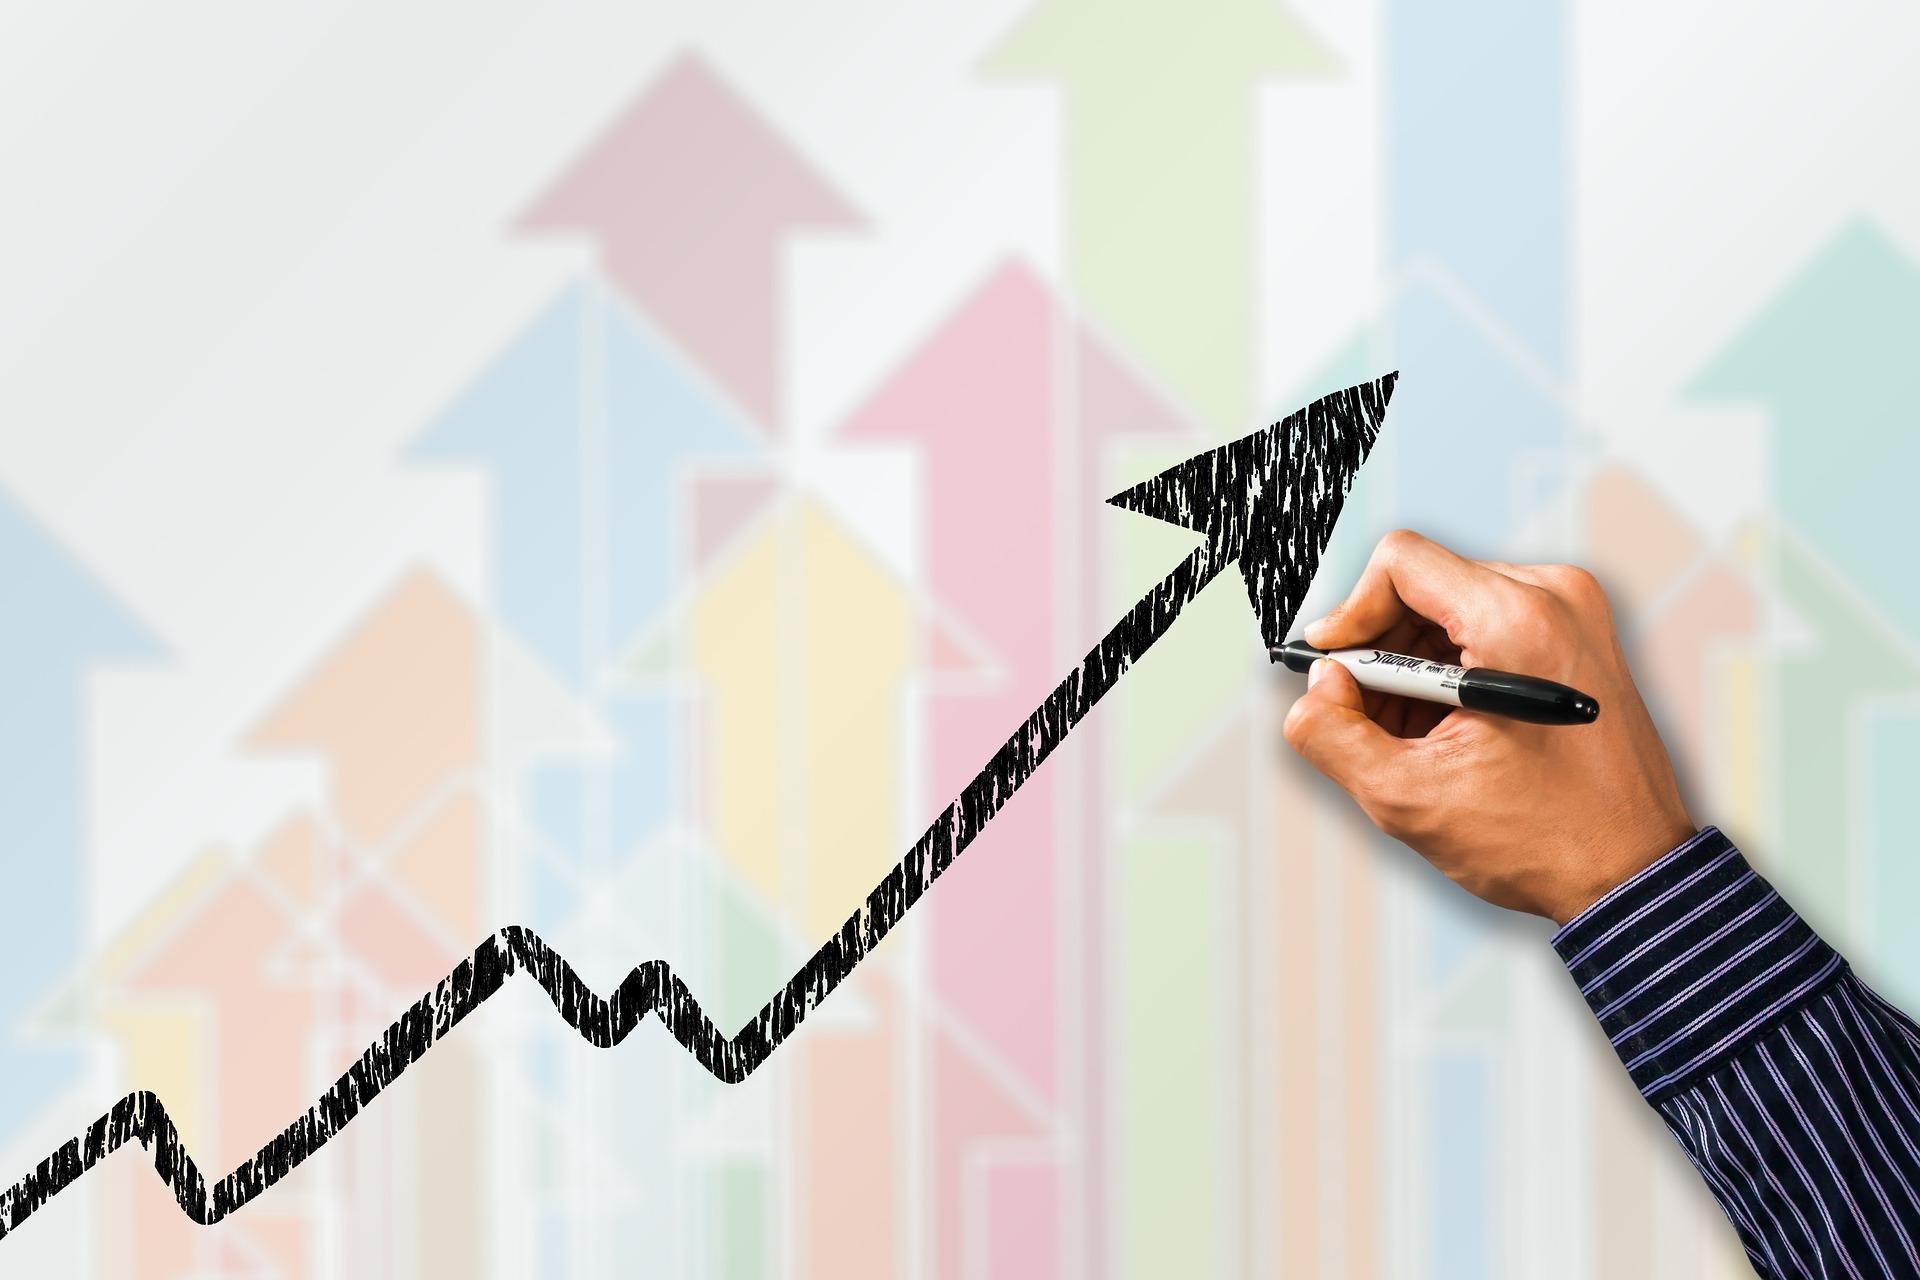 値段が高騰するグラフ